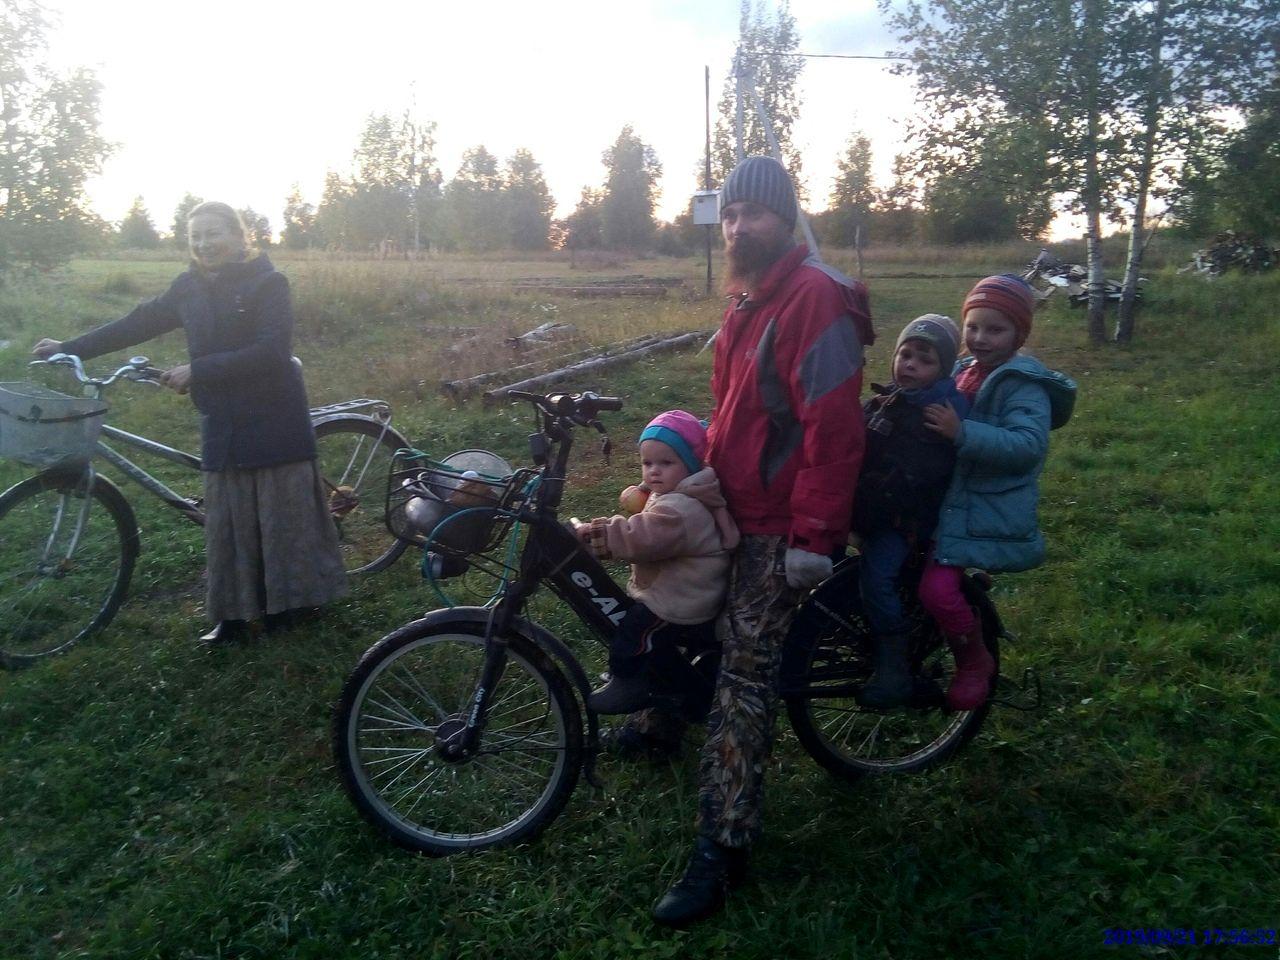 Осеннее Равноденствие в ПРП КалиновецЪ (2).jpg